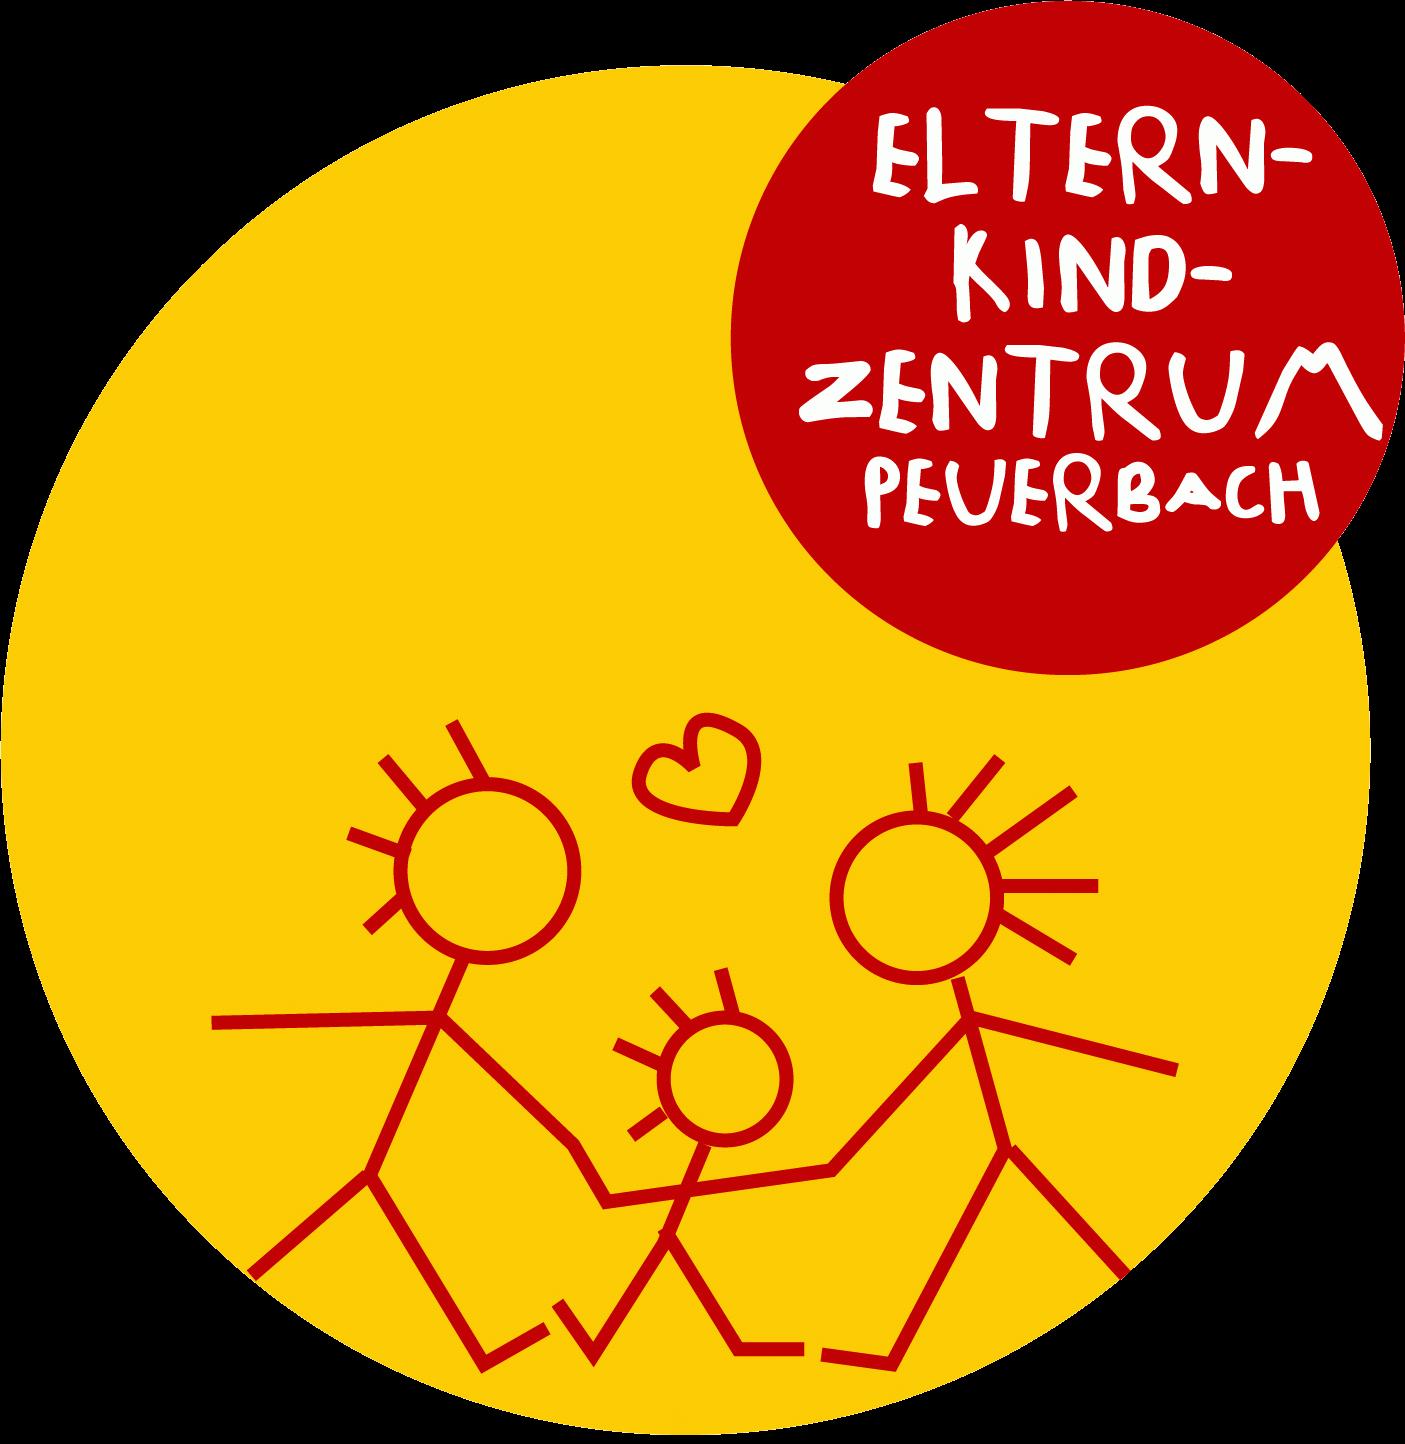 Eltern-Kind-Zentrum Peuerbach | Spielgruppen, Rund ums Baby, Kindernotfallkurs, Workshops, Vorführungen und Veranstaltungen für Kinder Selbstverteidigungskurs Dance-Kurs, Familientraining